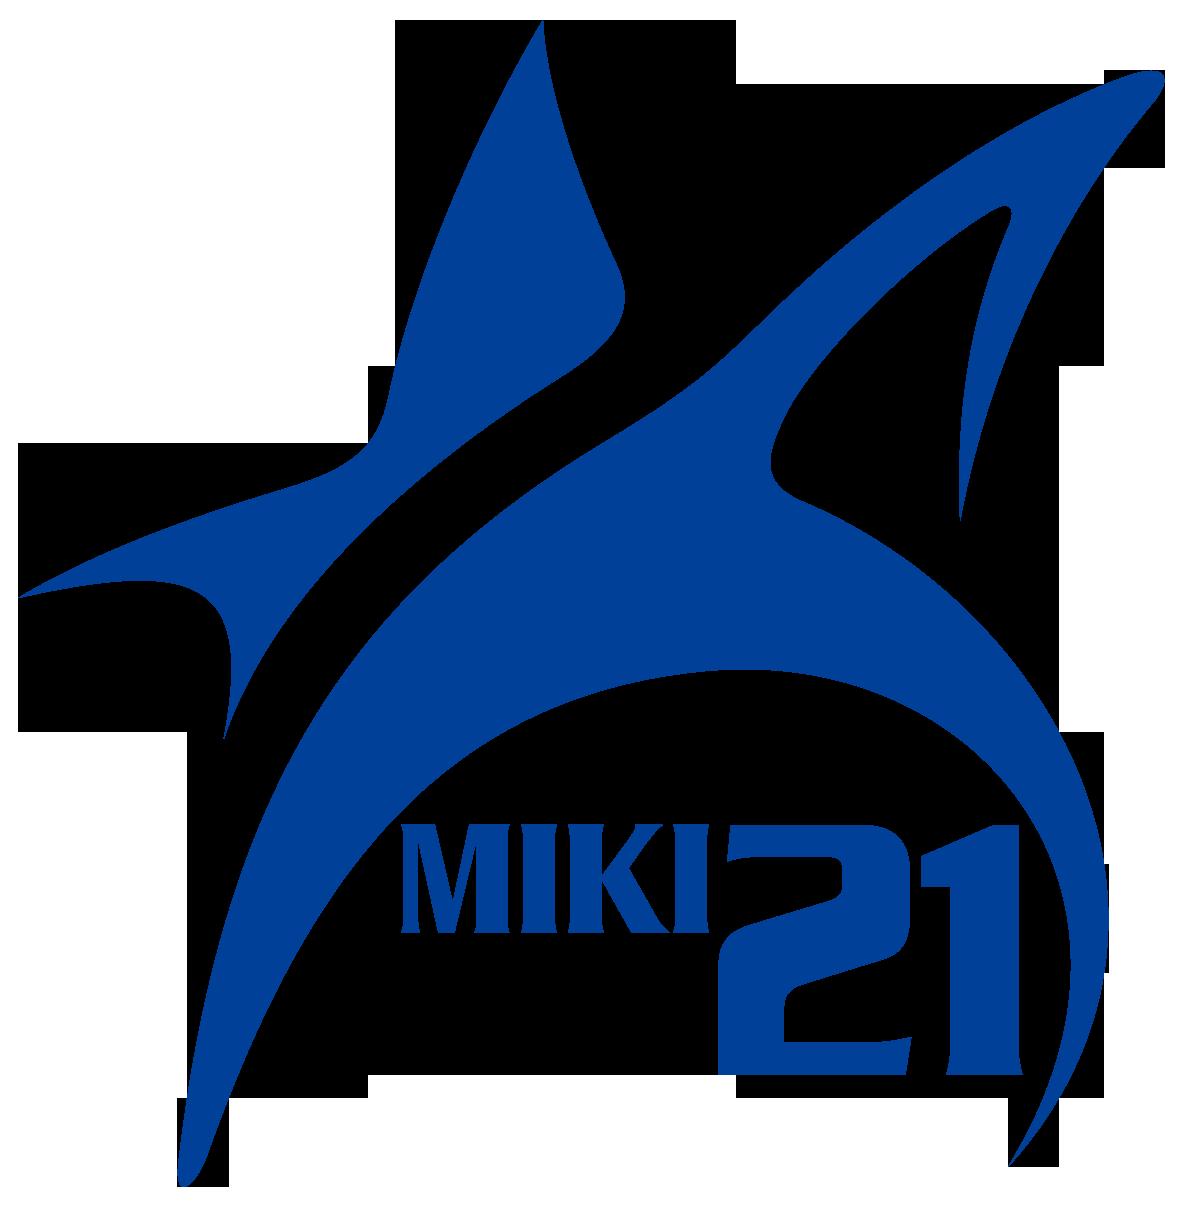 スポーツ系サービスとシンプルと青のロゴ